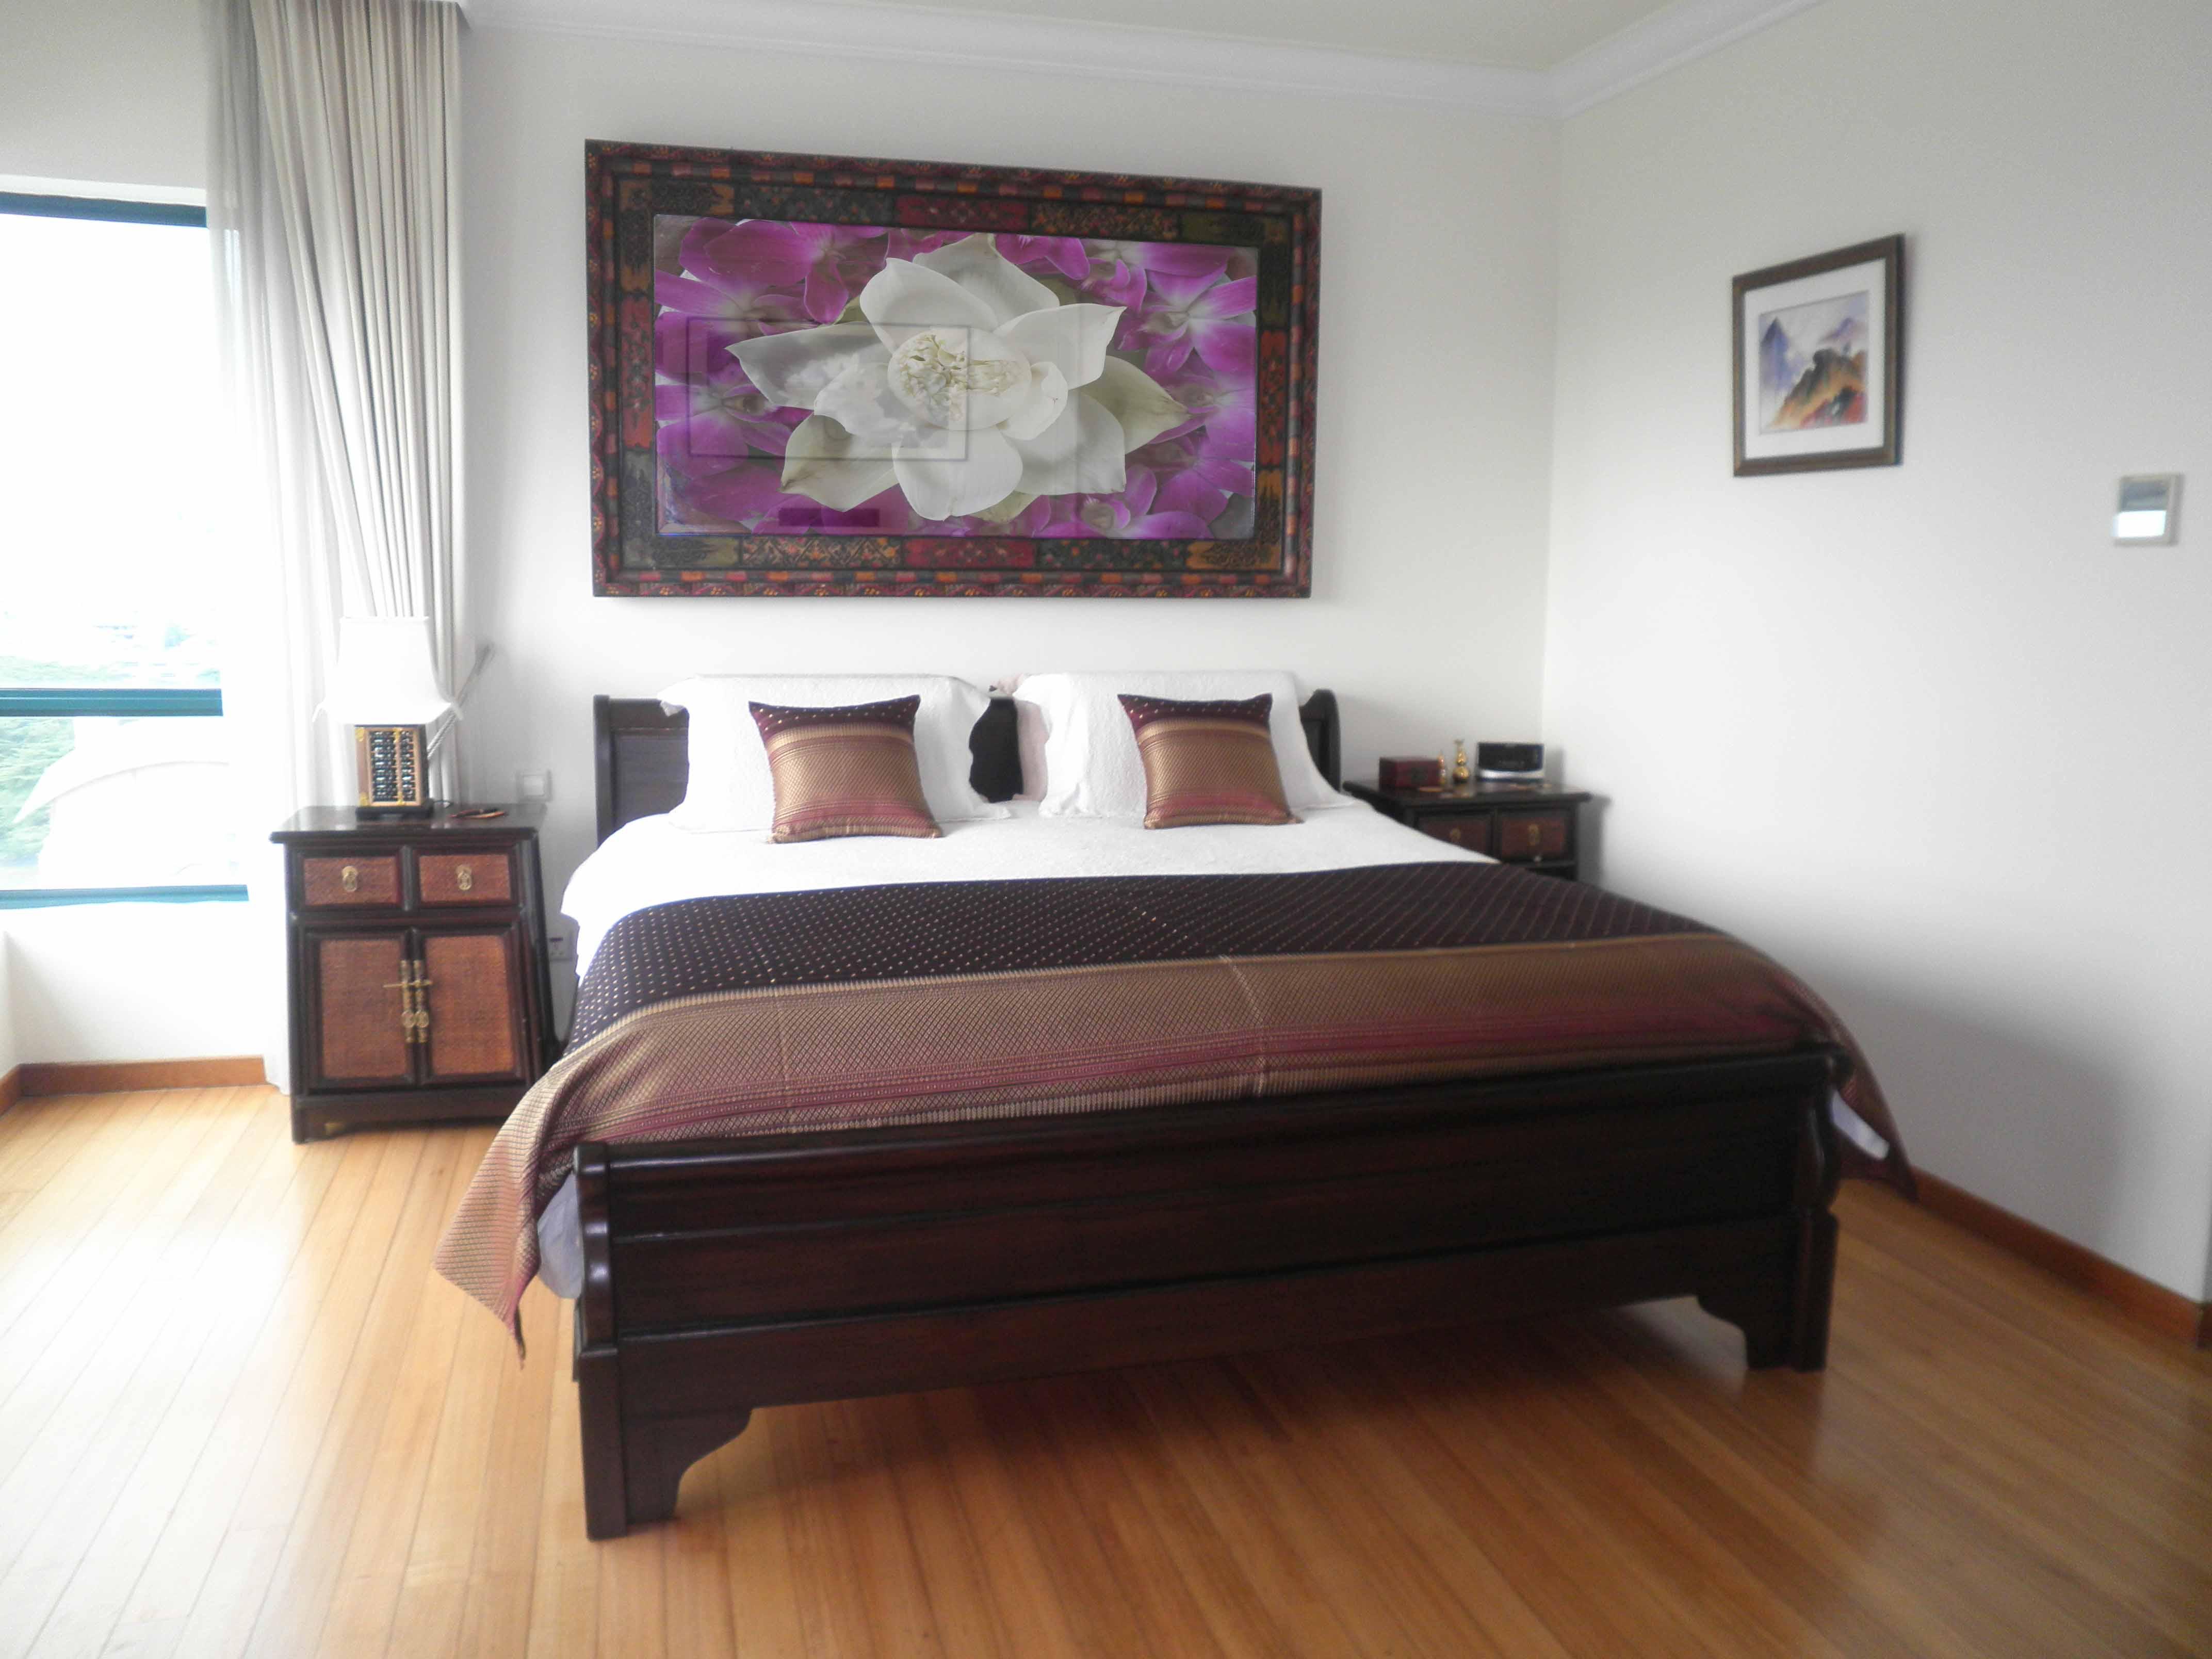 Кровать по фэн-шуй в восточном стиле